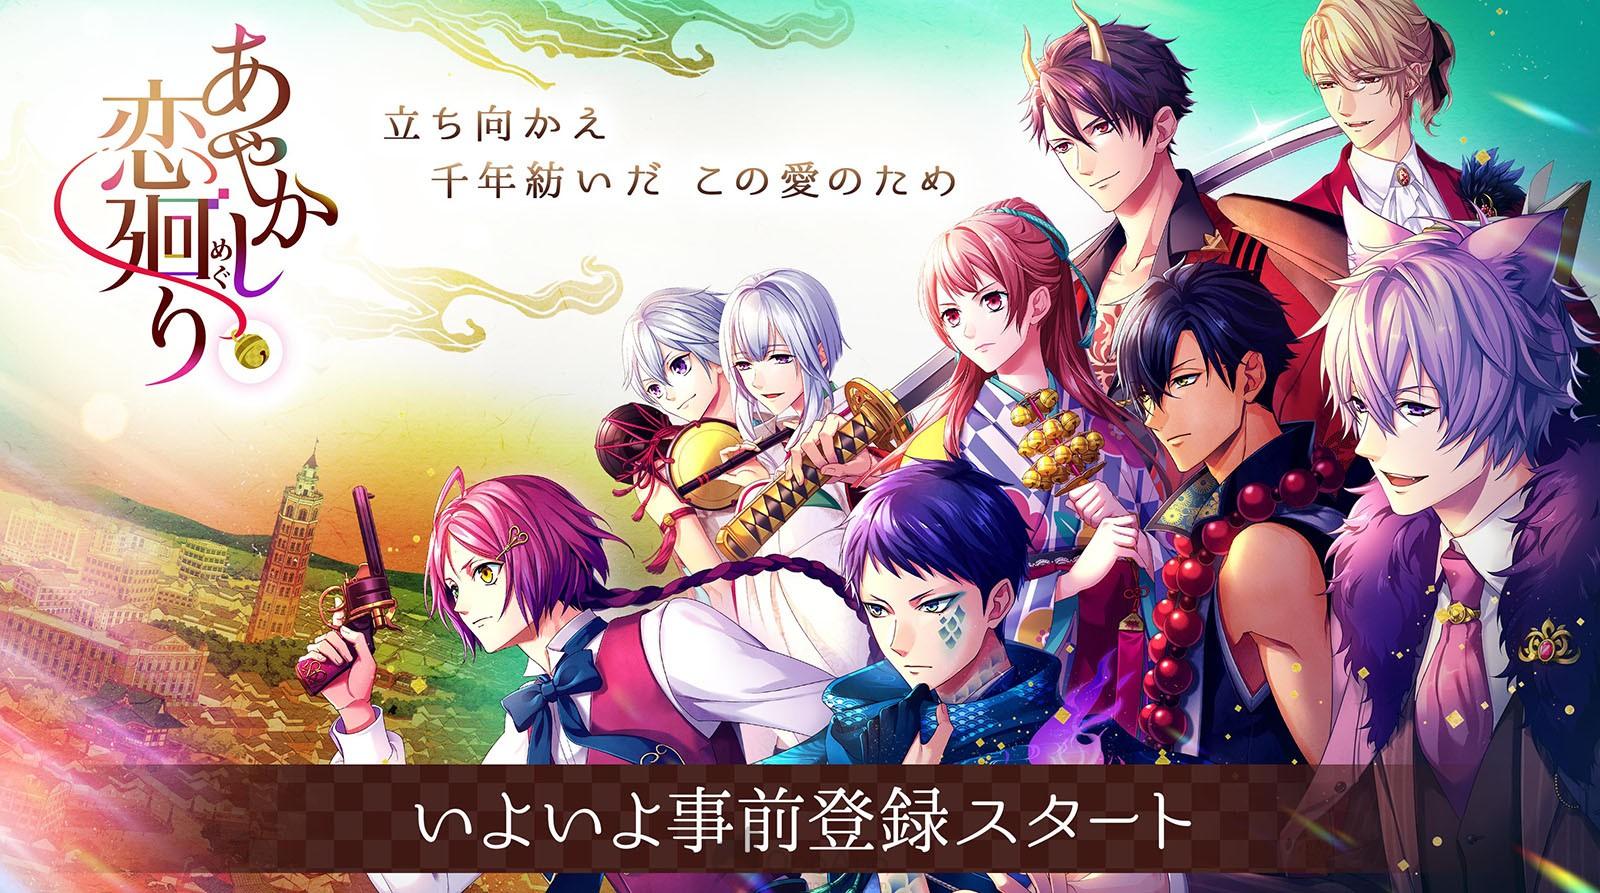 Voltage's yokai romance otome game Ayakashi Koimeguri opens pre-registration